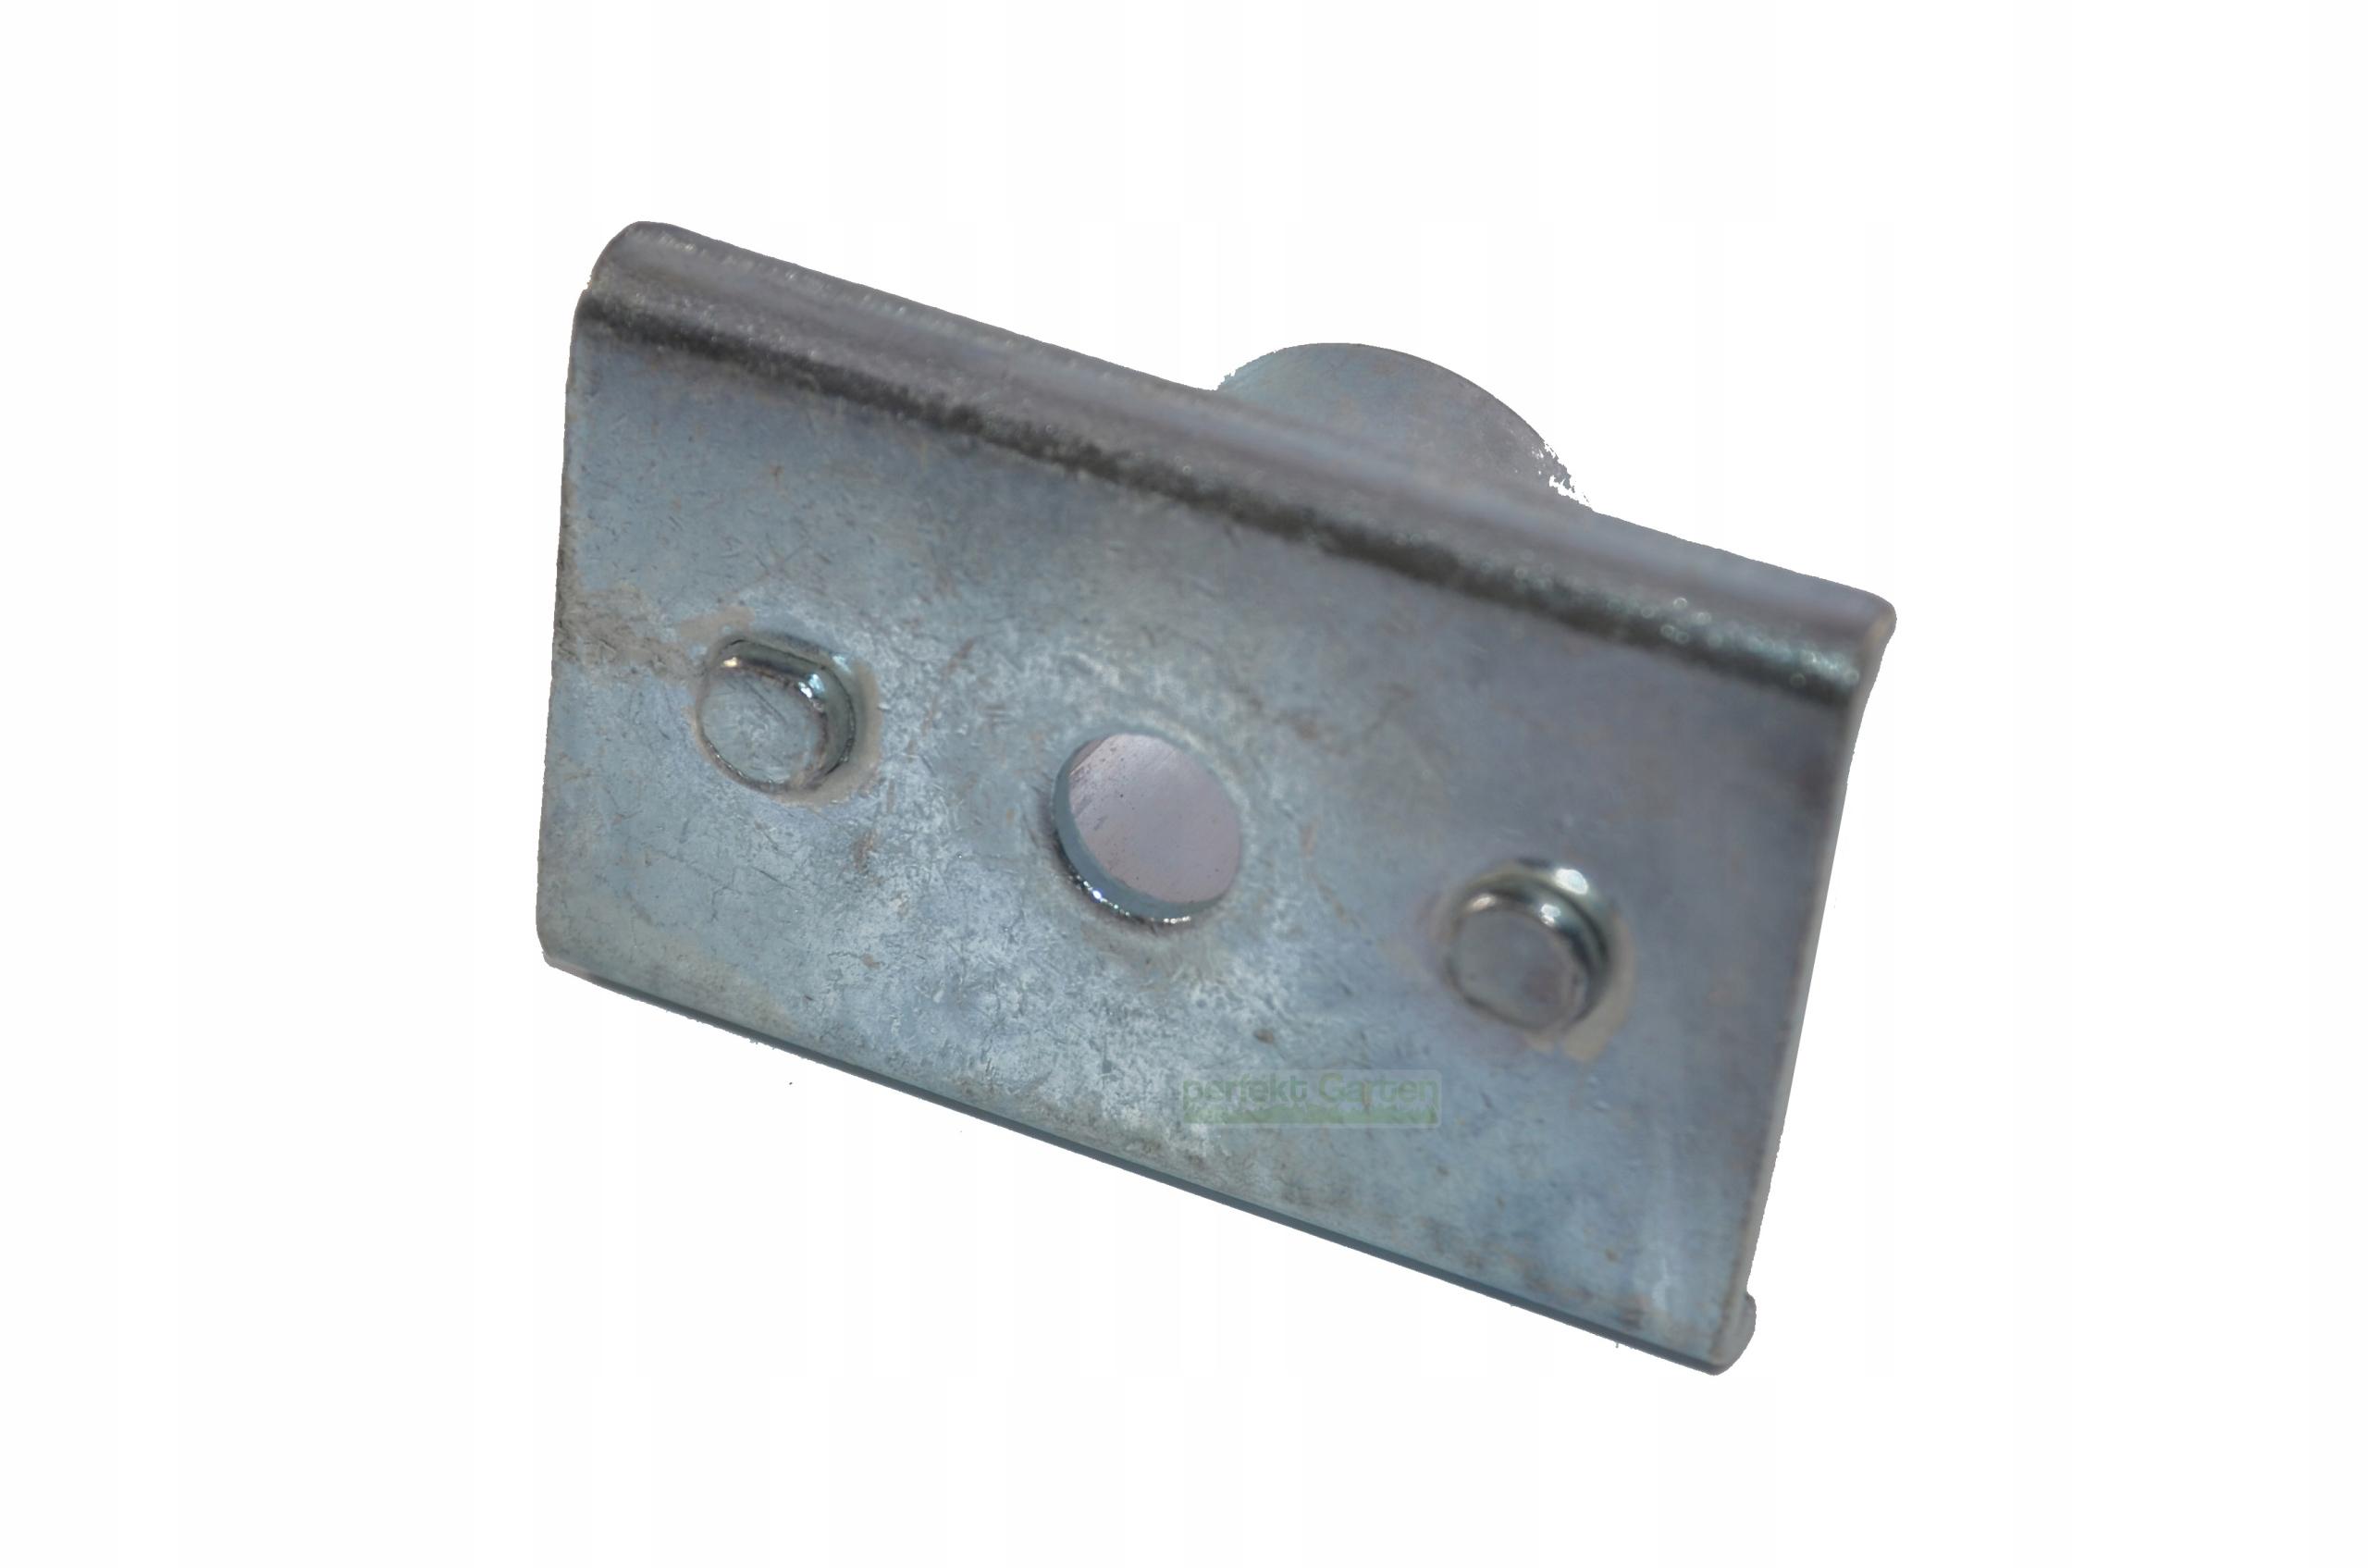 22mm Uchwyt Noza Hortmasz Hortus Leroy Merlin Daye 6686208698 Allegro Pl